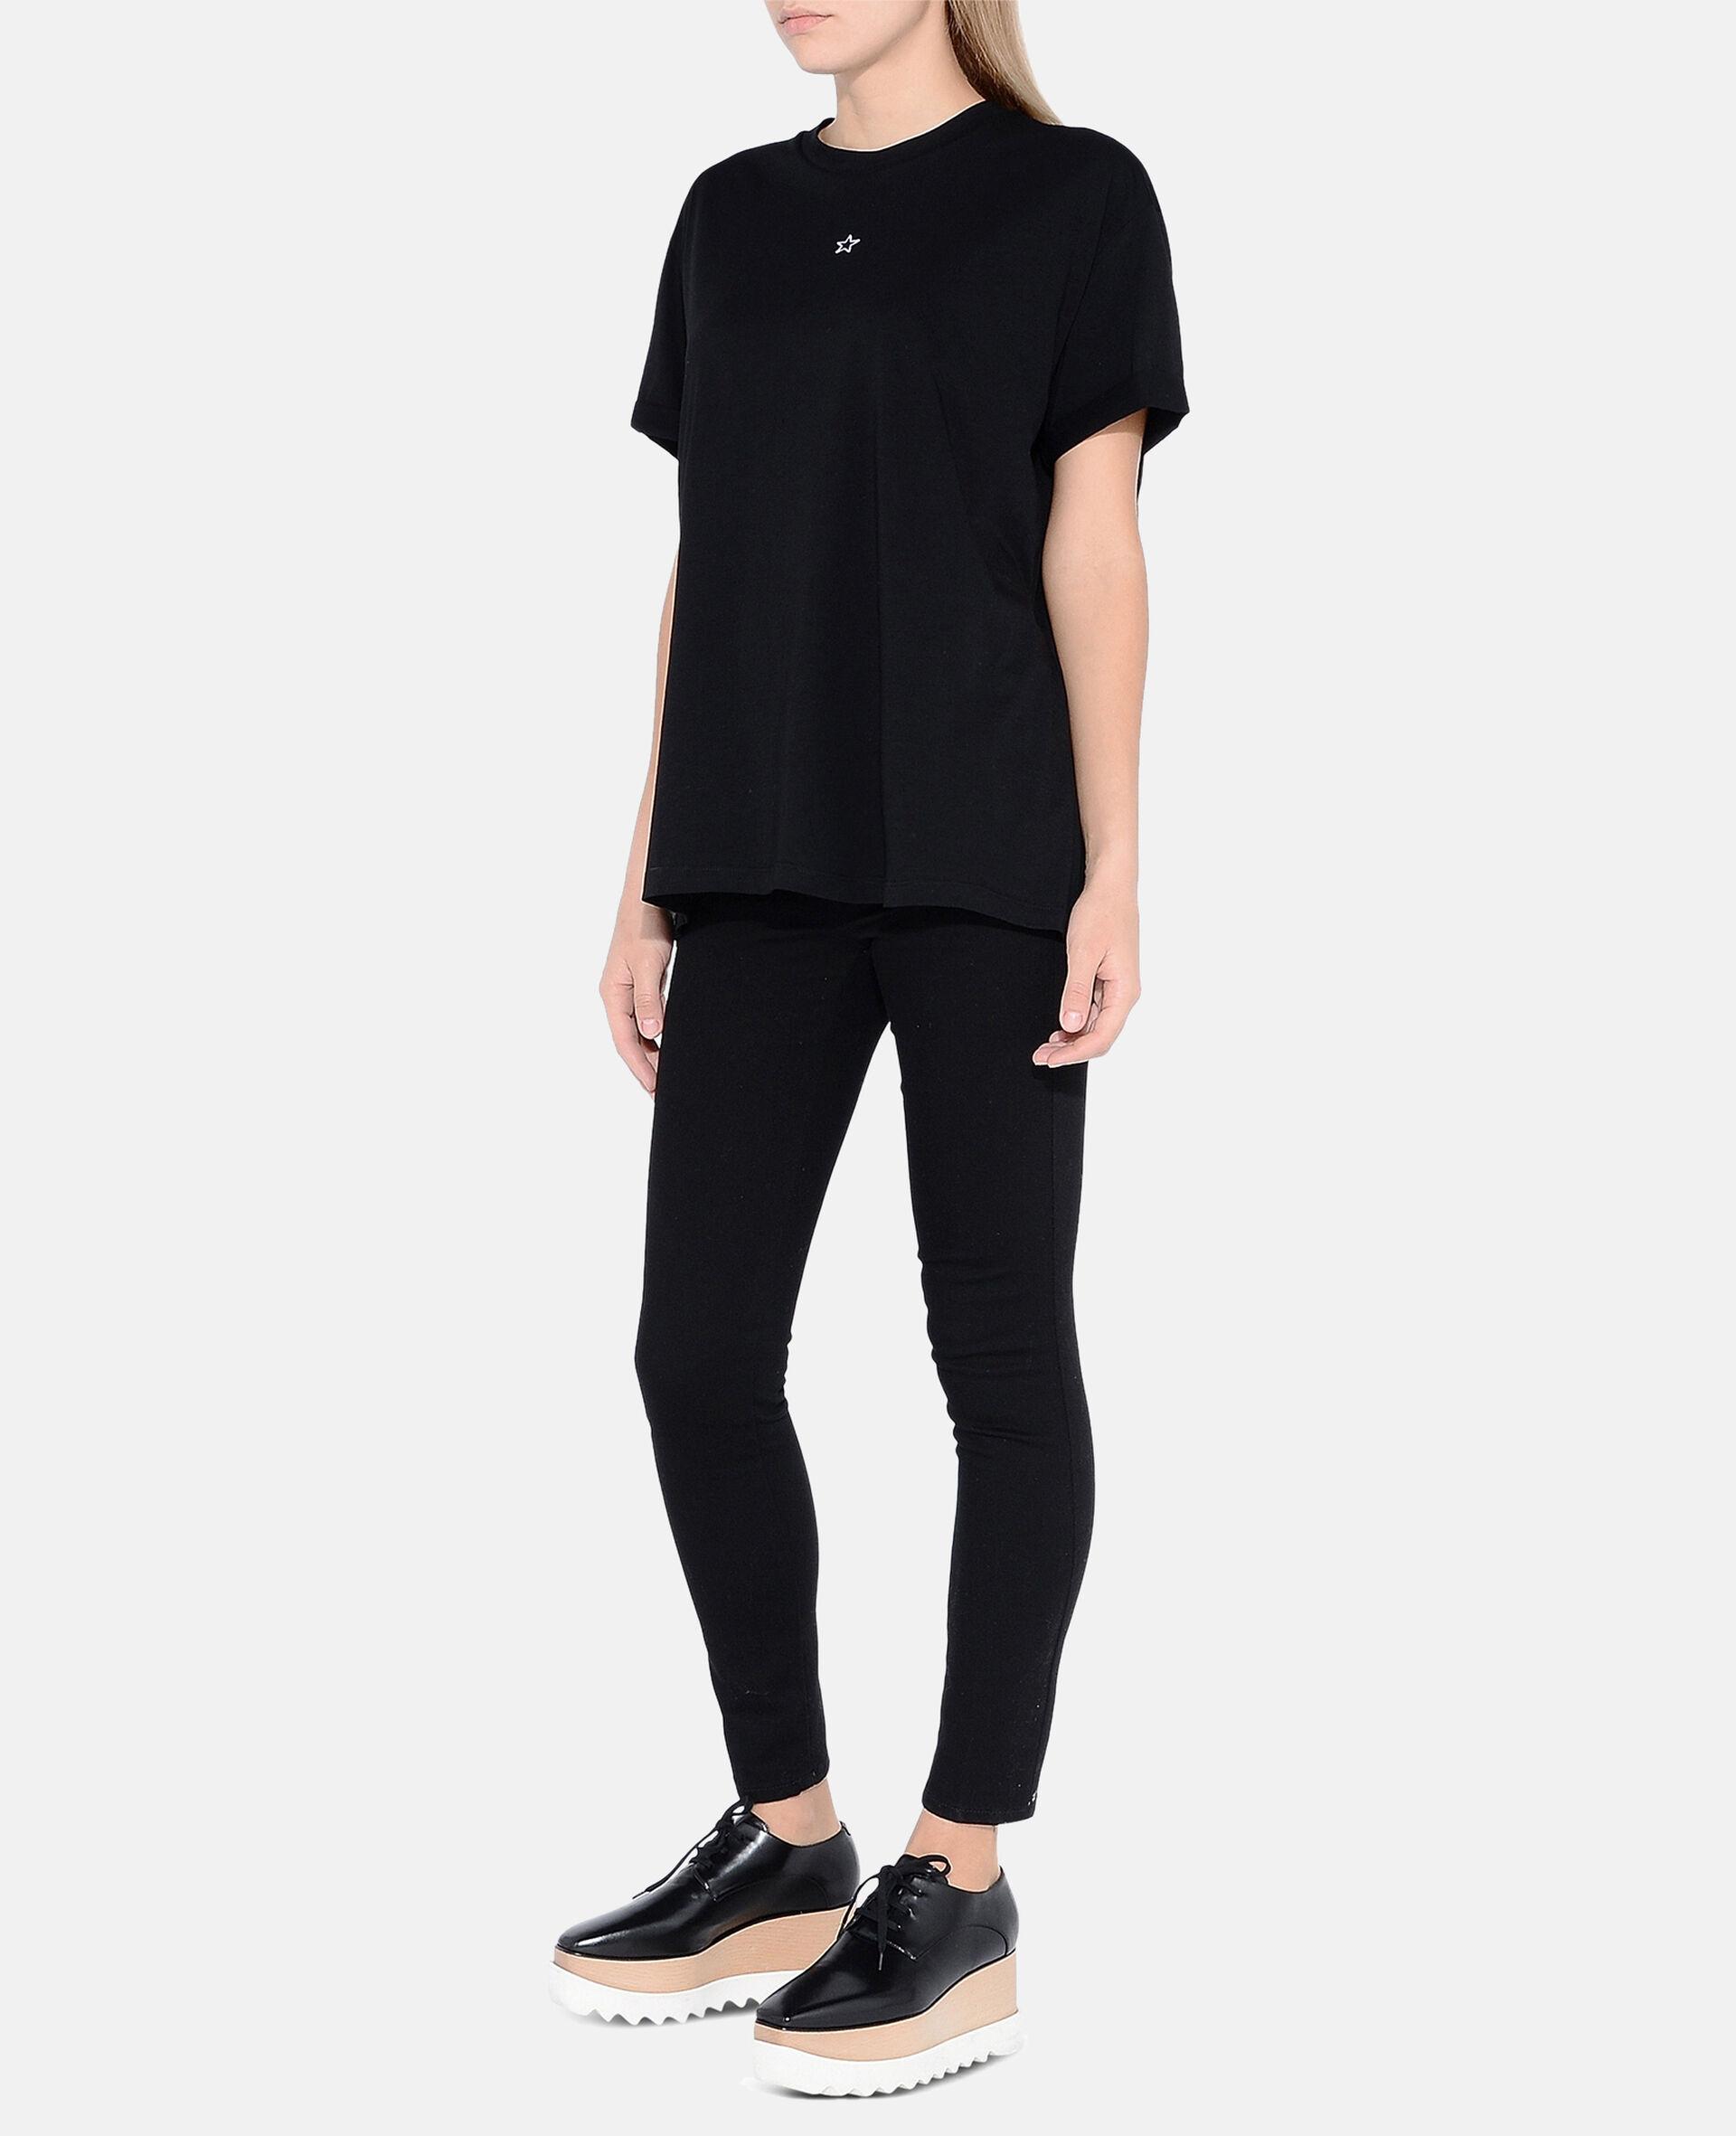 Ministar T-shirt-Black-large image number 1